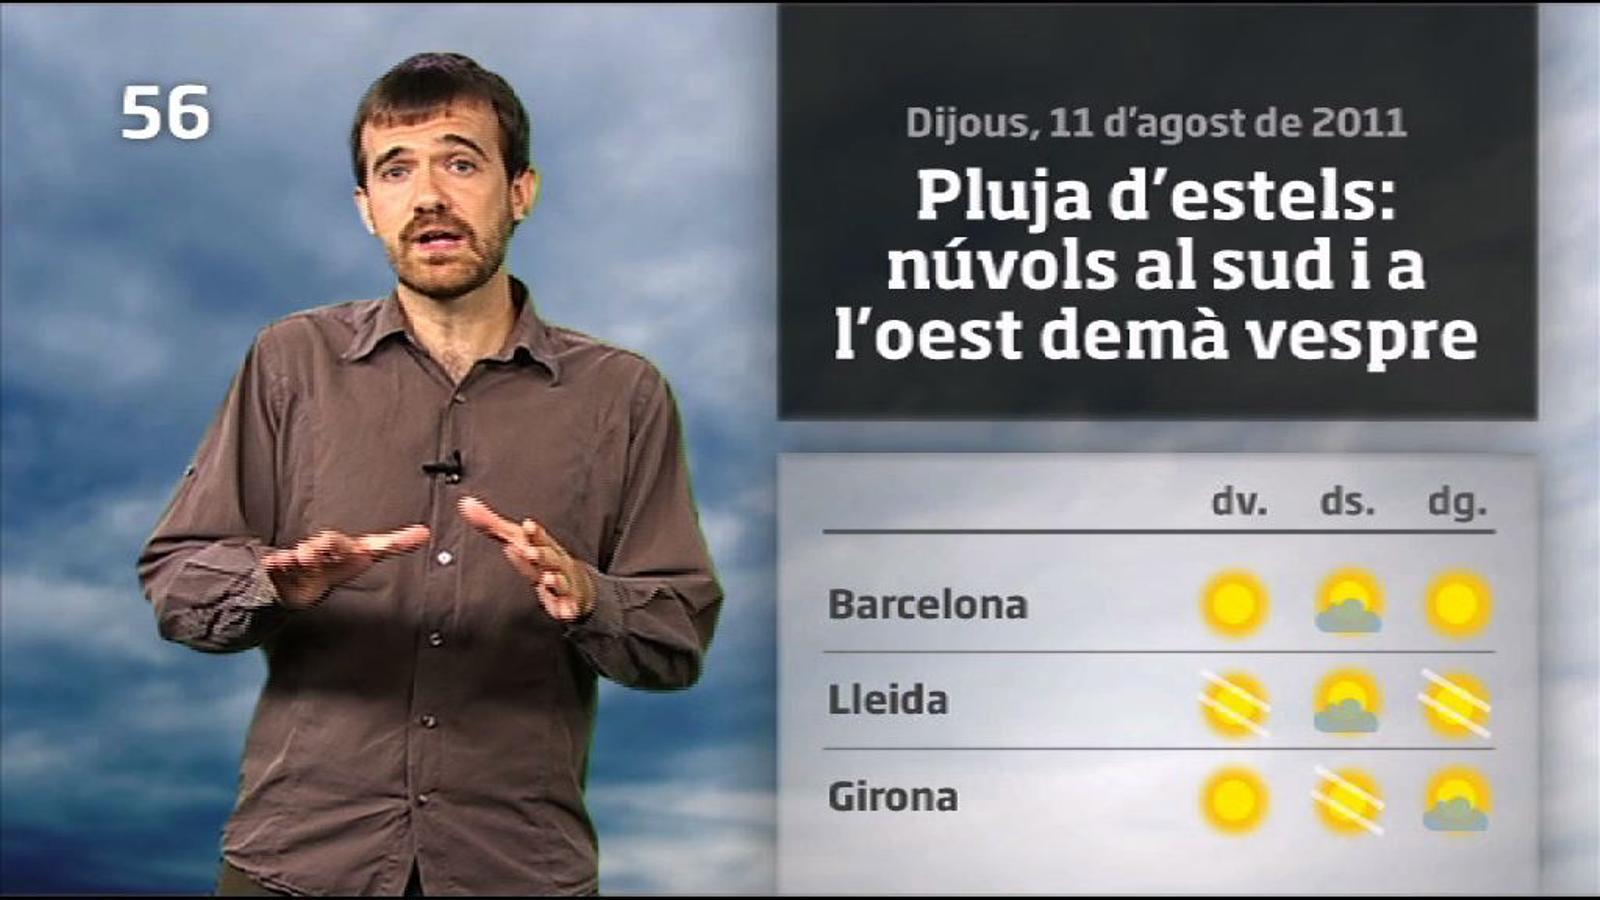 La méteo en 1 minut: més núvols a l'inici del cap de setmana (11/08/2011)